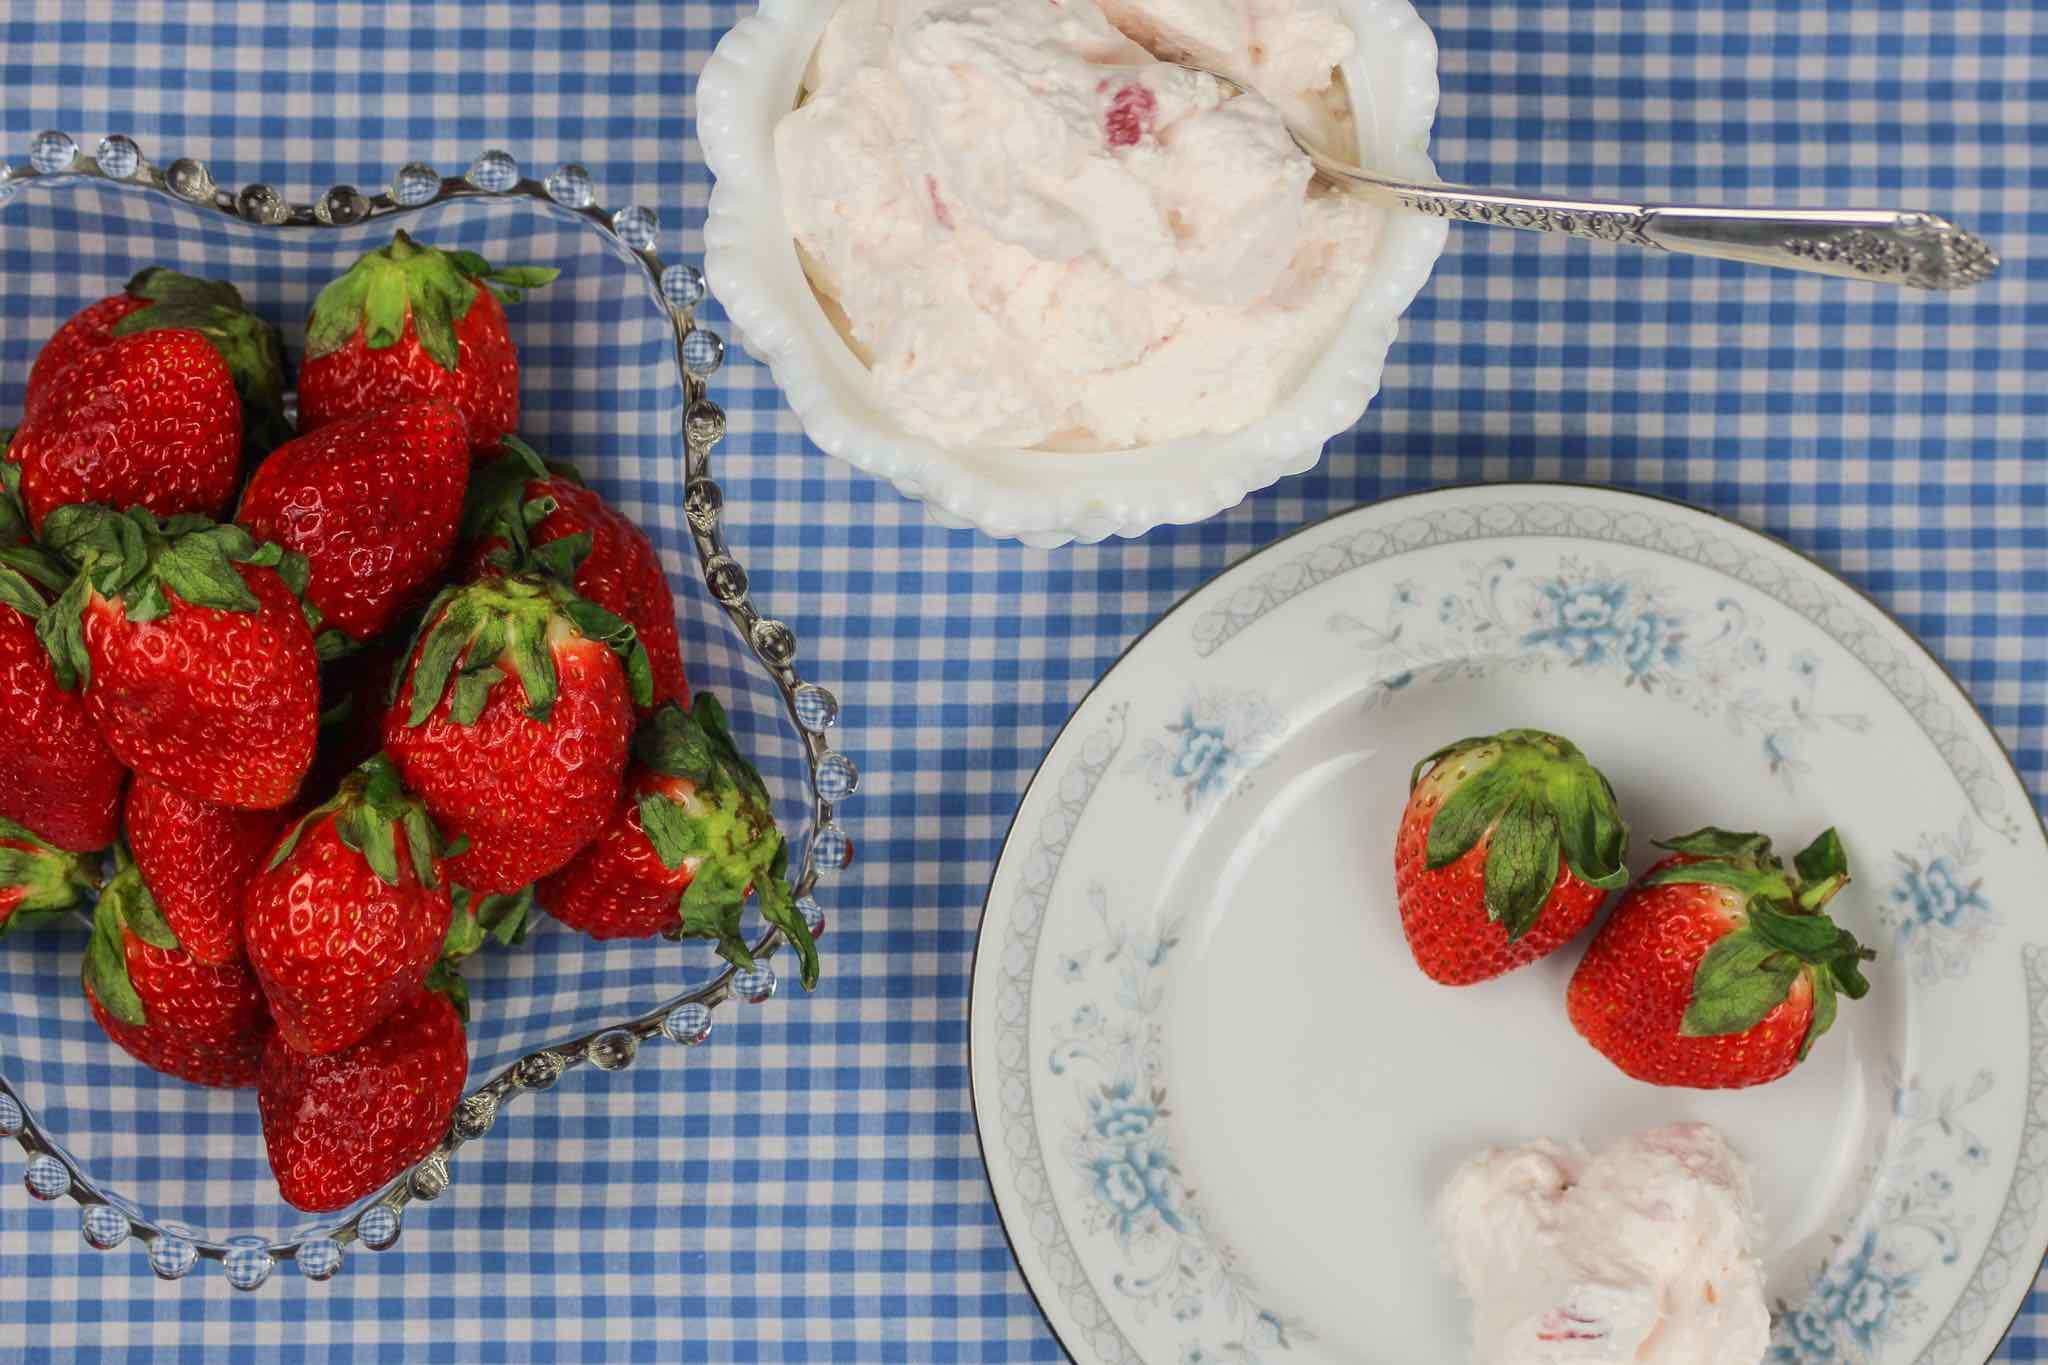 strawberries and dip